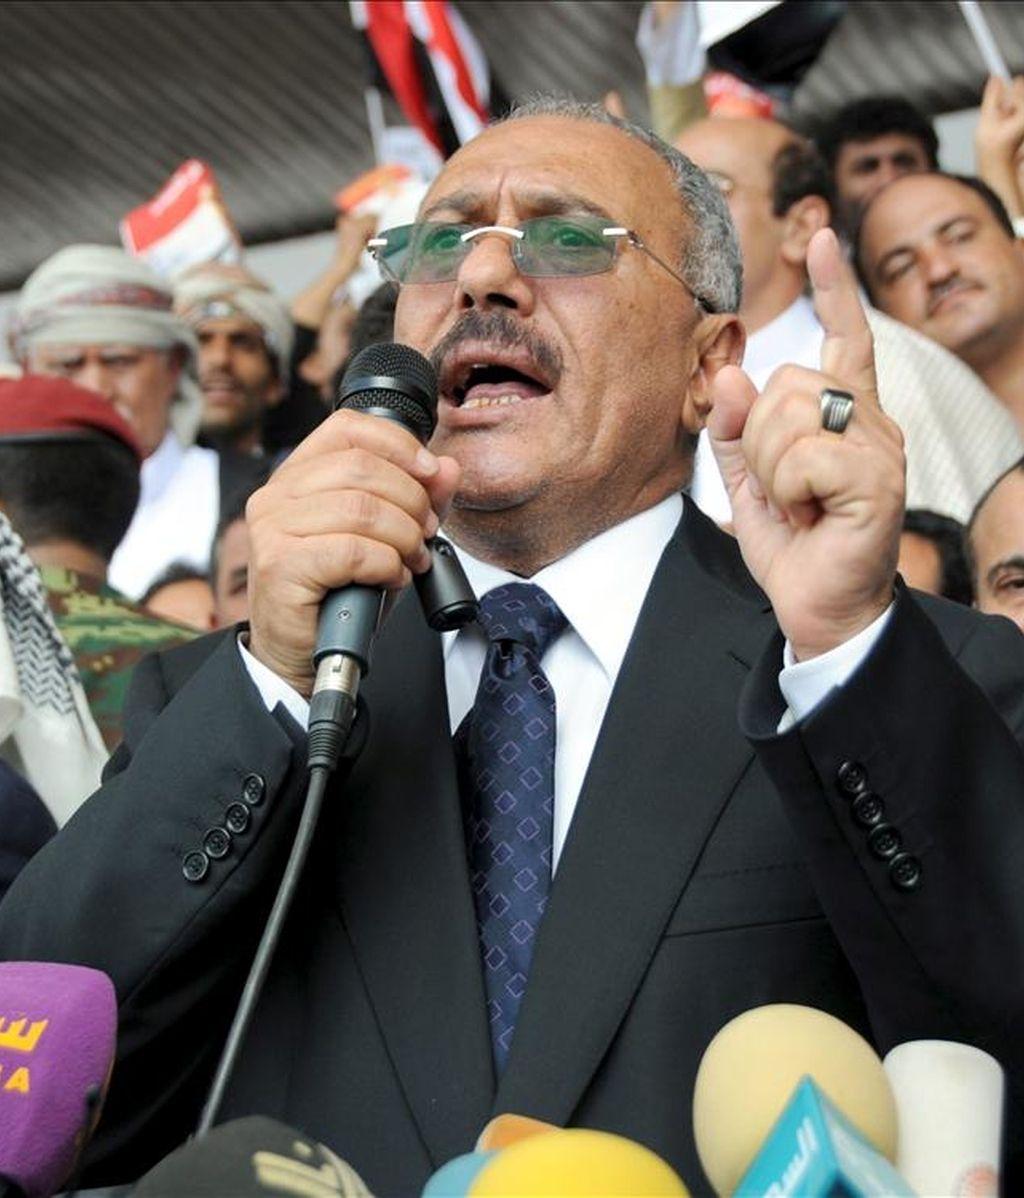 El presidente yemení, Ali Abdalá Saleh, toma la palabra durante una concentración progubernamental en la Plaza de los 70 en Saná, Yemen. EFE